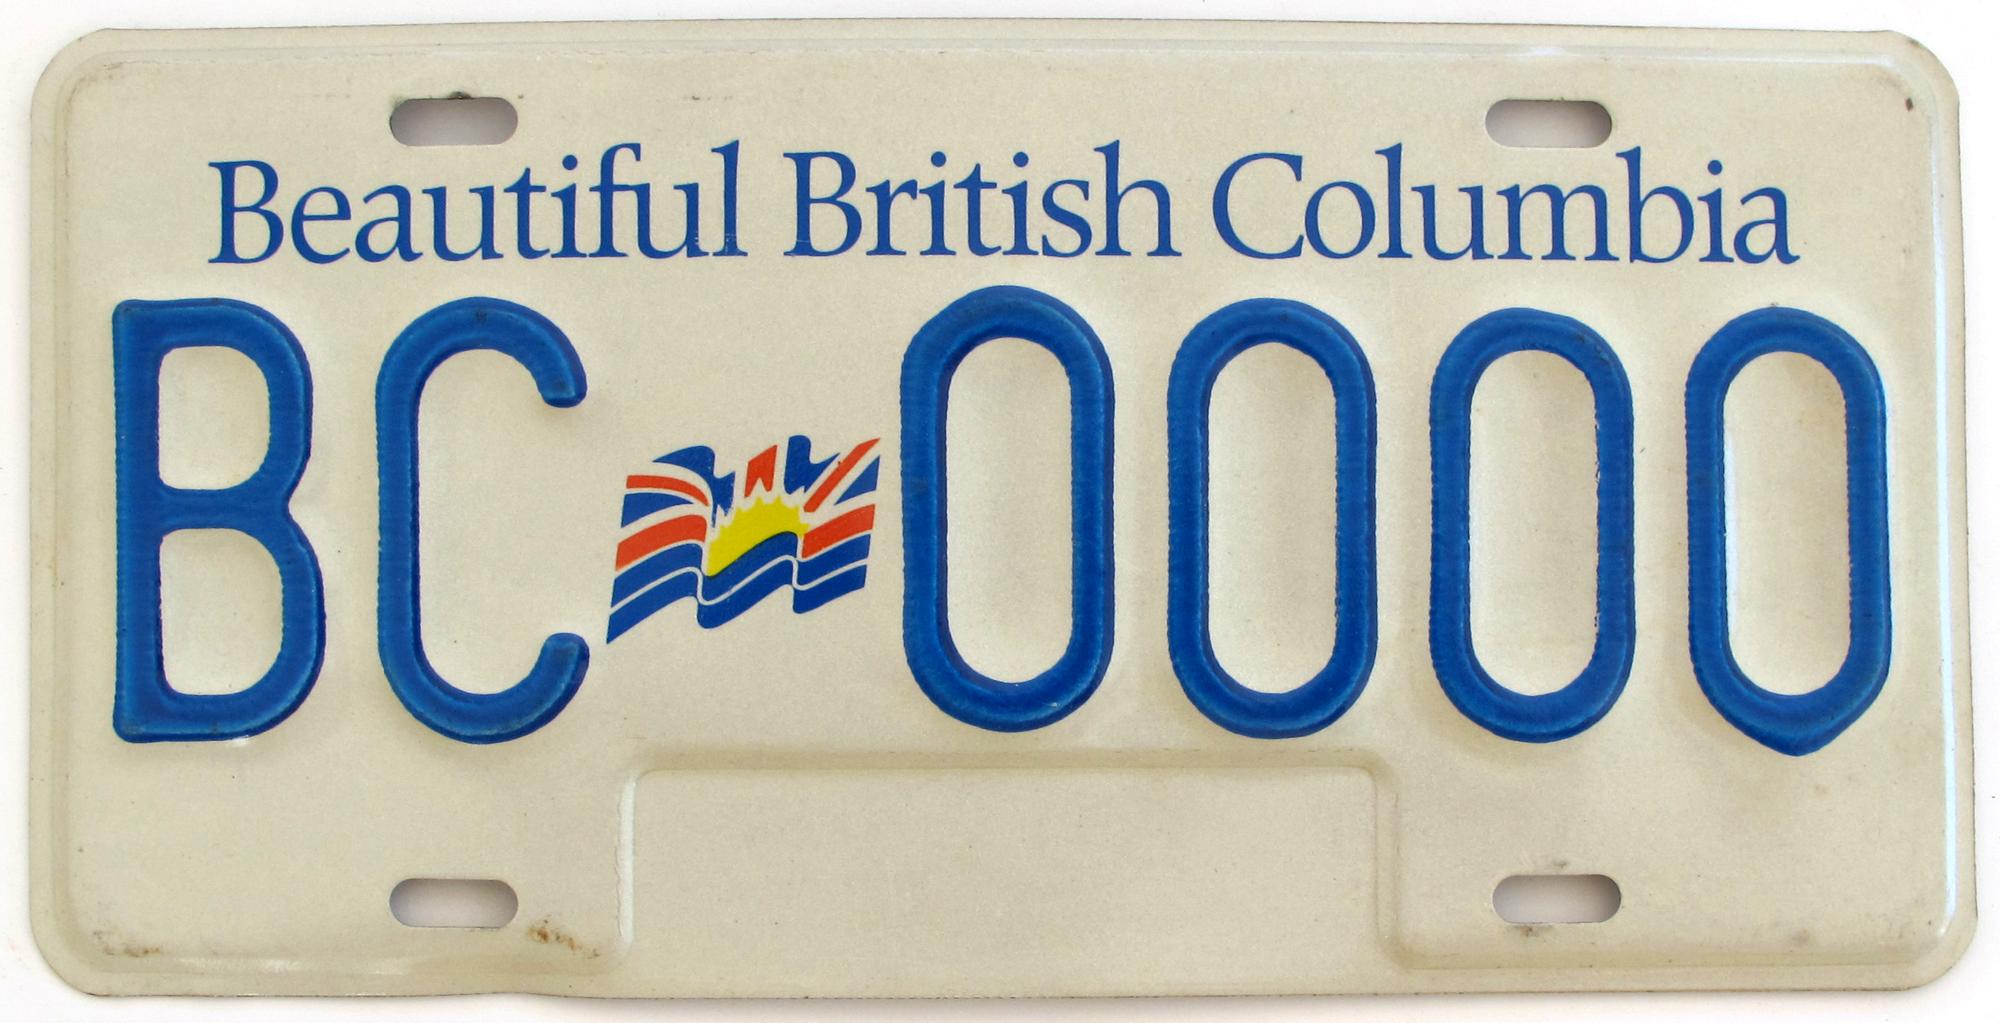 1985-BC0000(XL).jpg